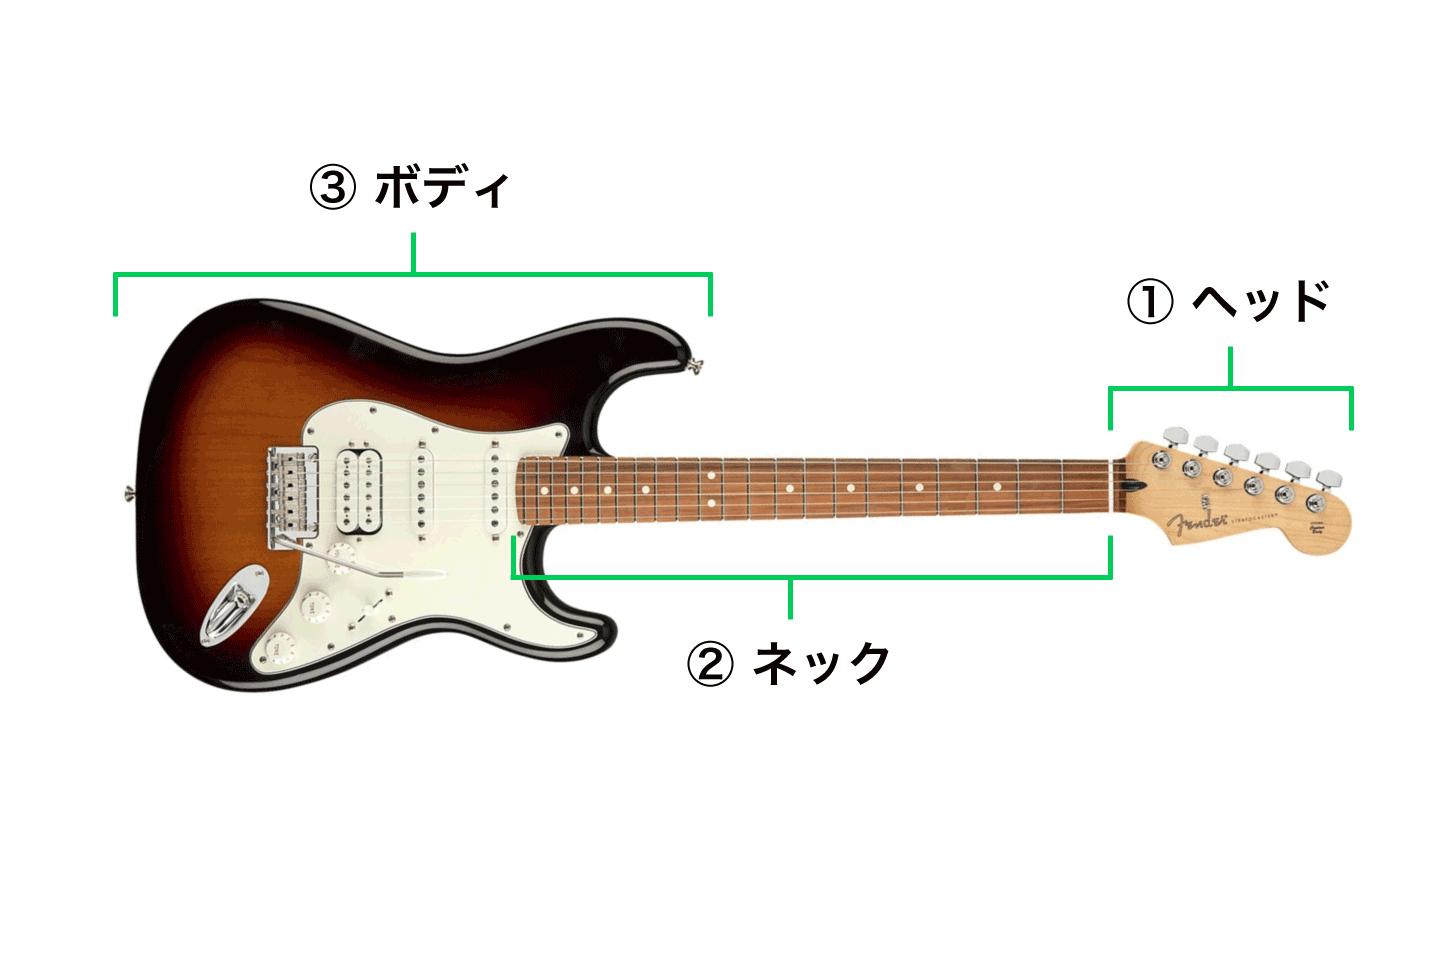 ギターの名称 ヘッド、ネック、ボディ